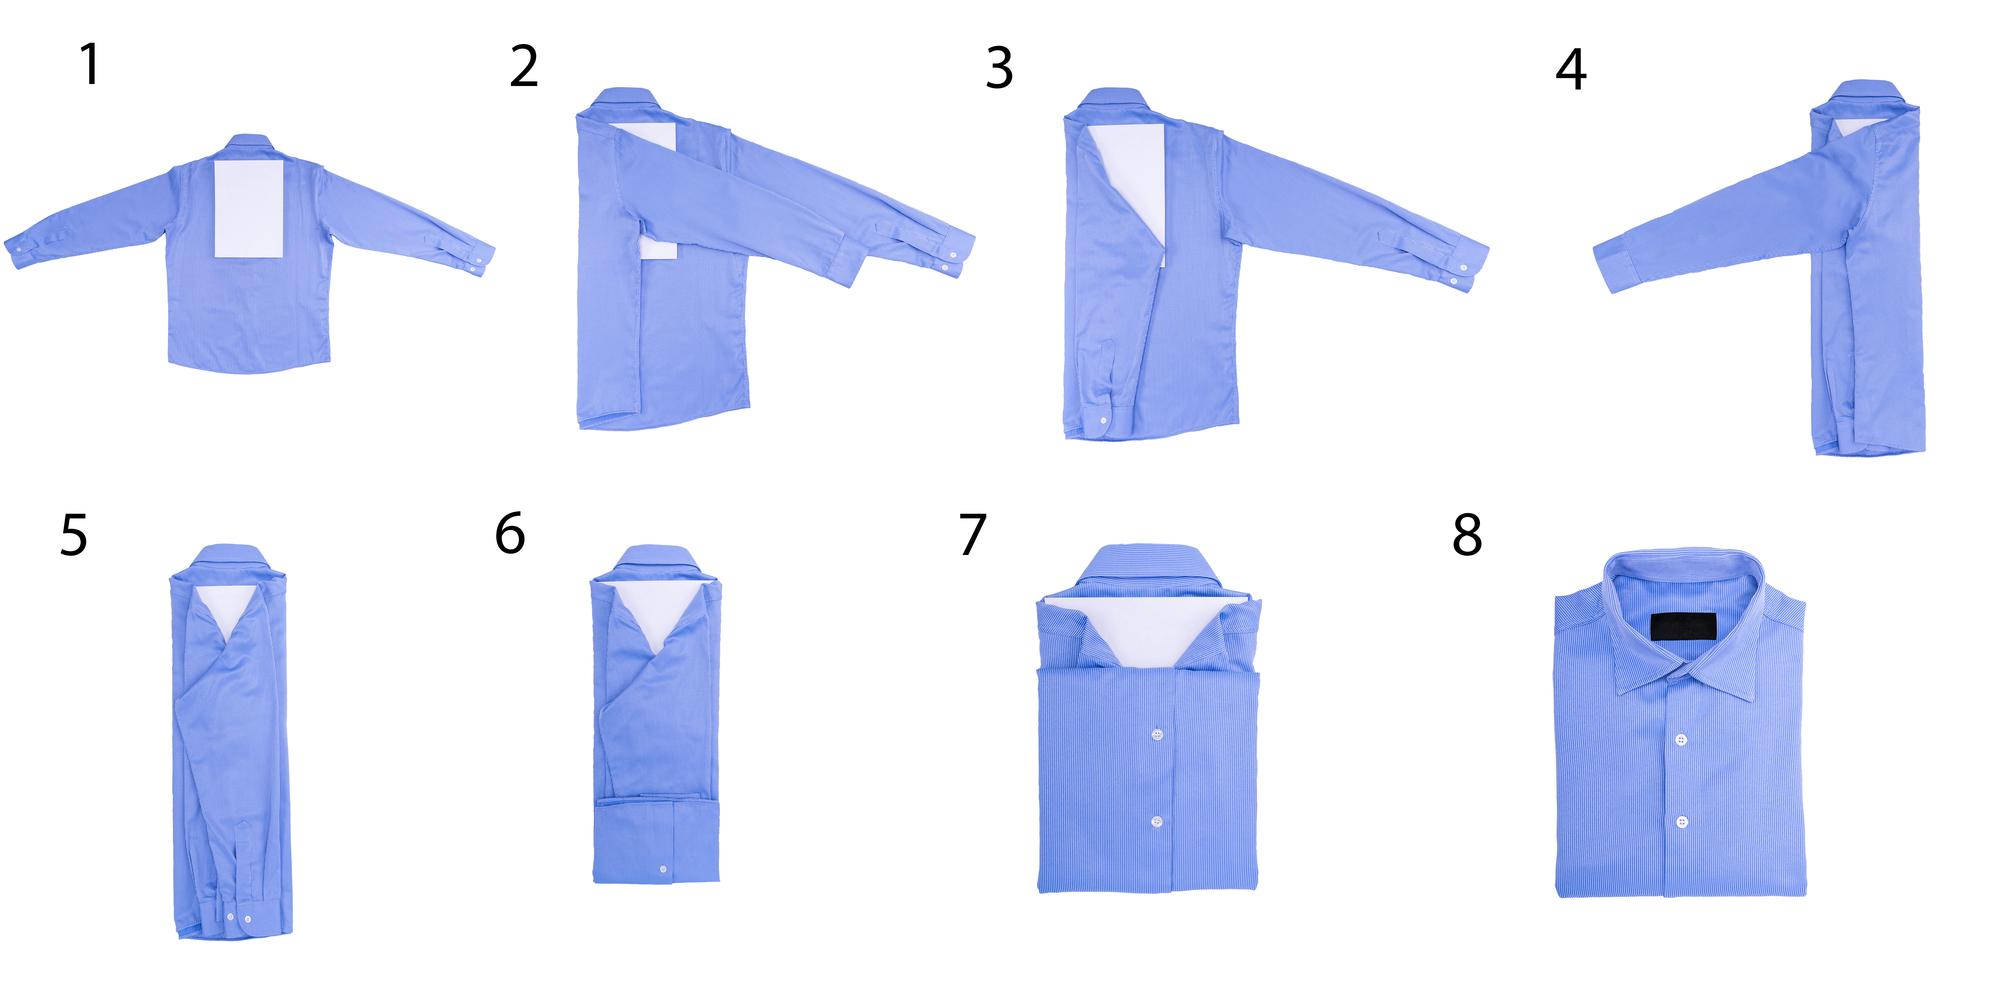 Как красиво свернуть футболку в подарок 9